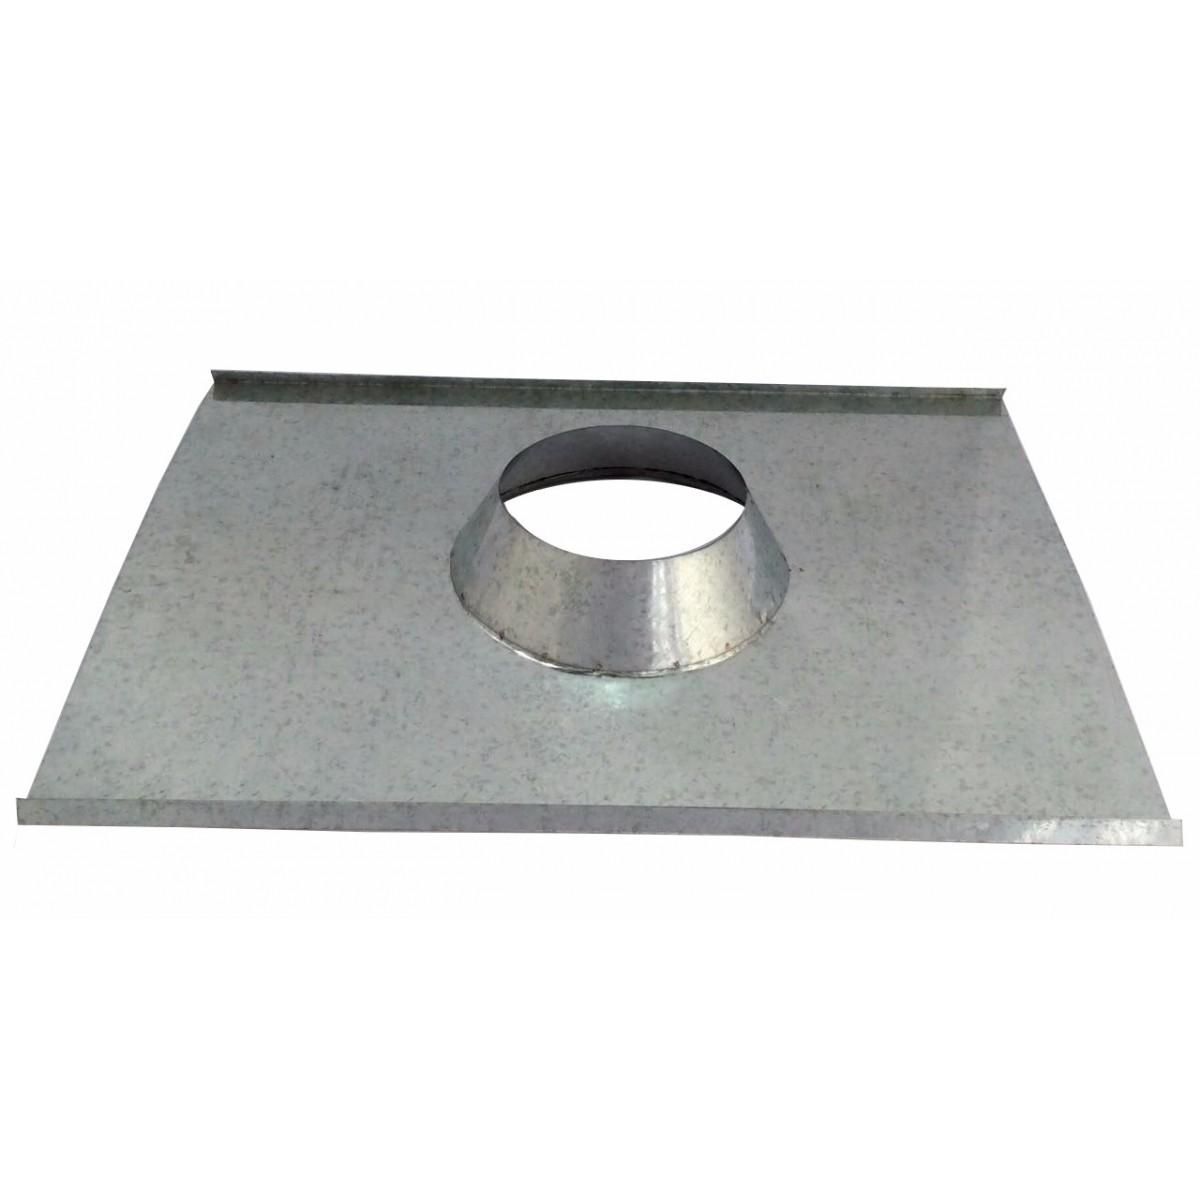 Rufo de telhado galvanizado para chaminé de 180 mm de diâmetro  - Galvocalhas